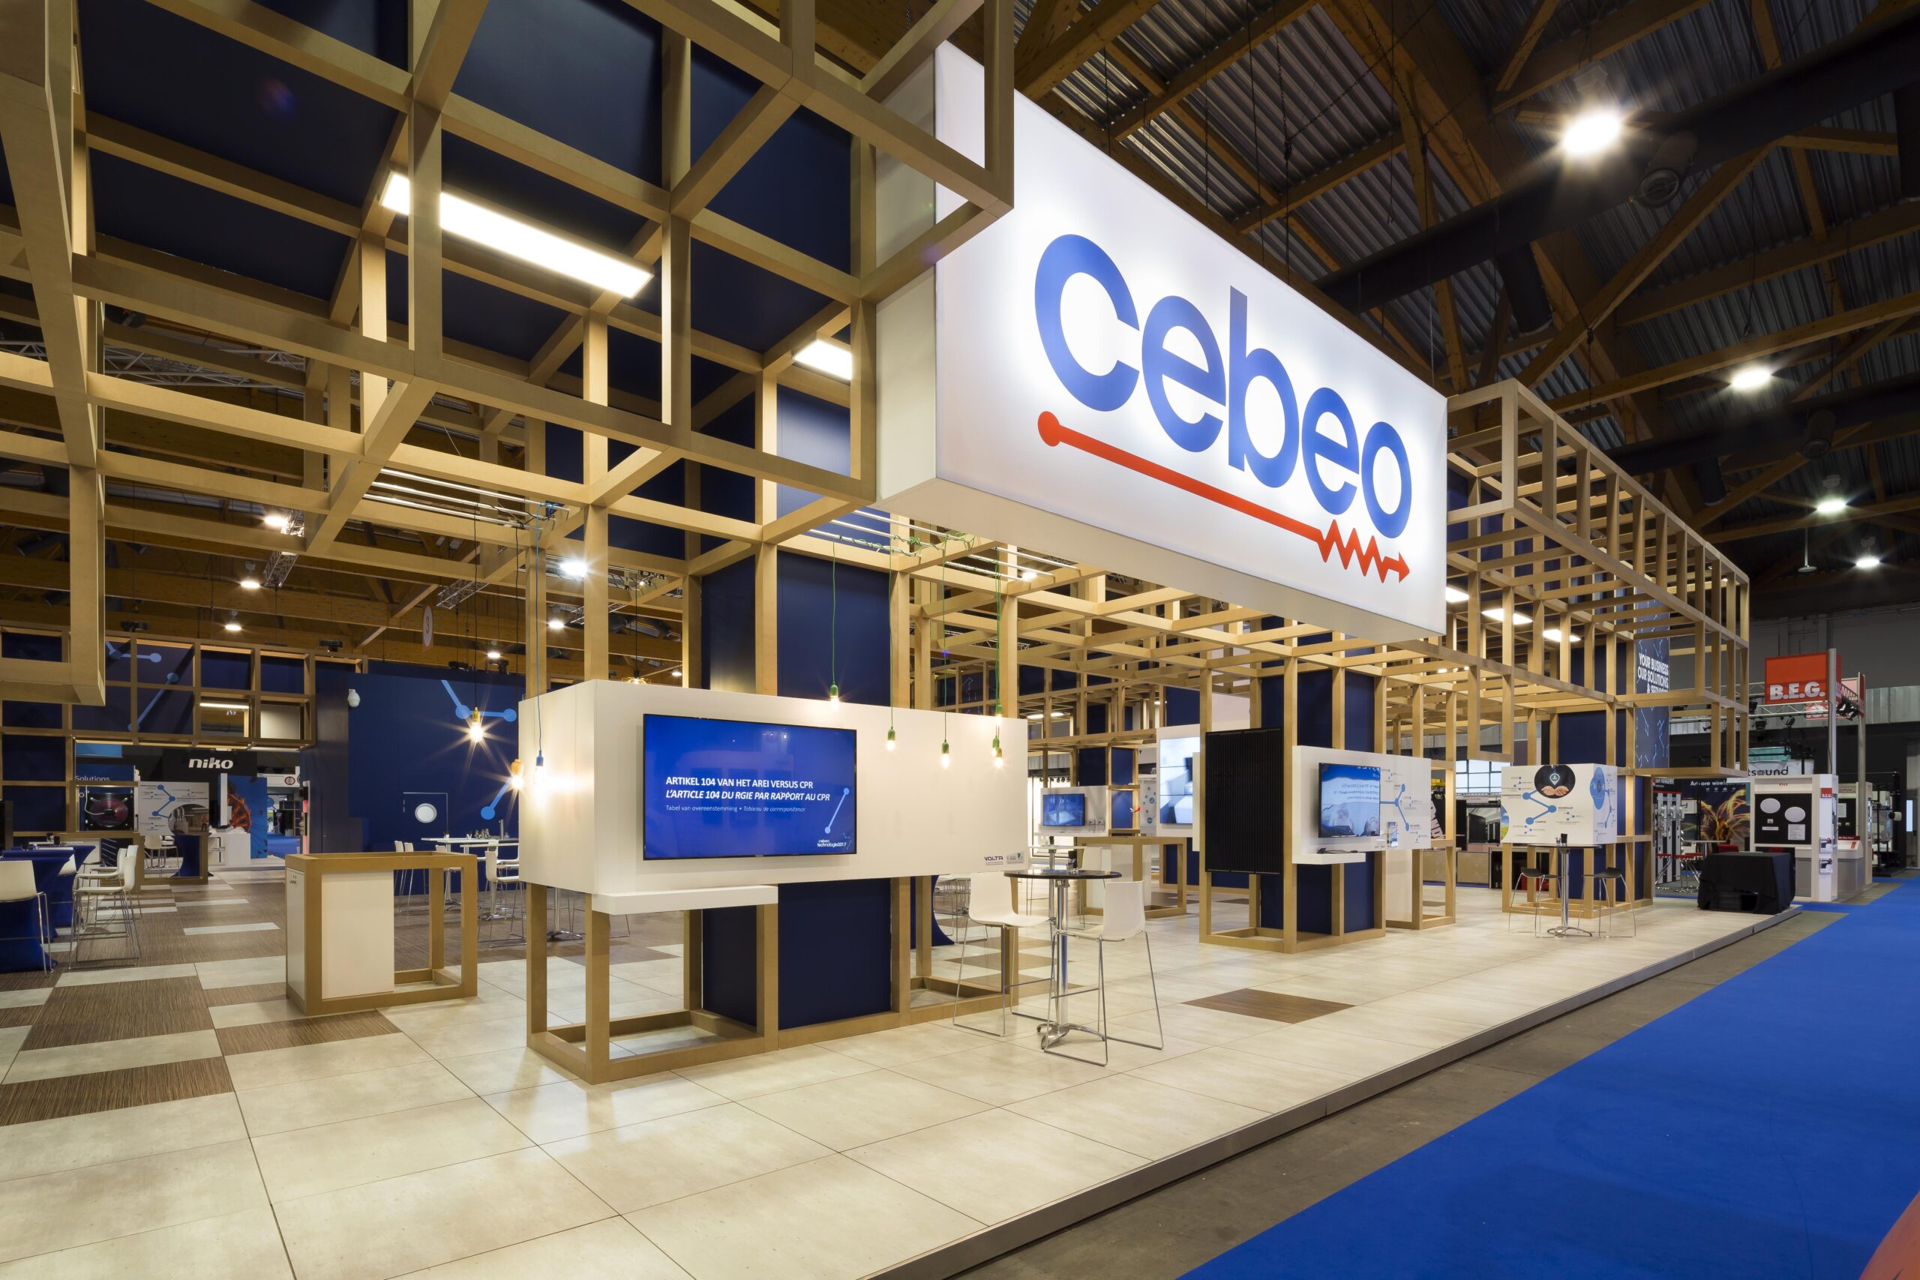 traditionele houtbouw standenbouw met mooie presentatieplekken en een gigantisch logo boven de ingang